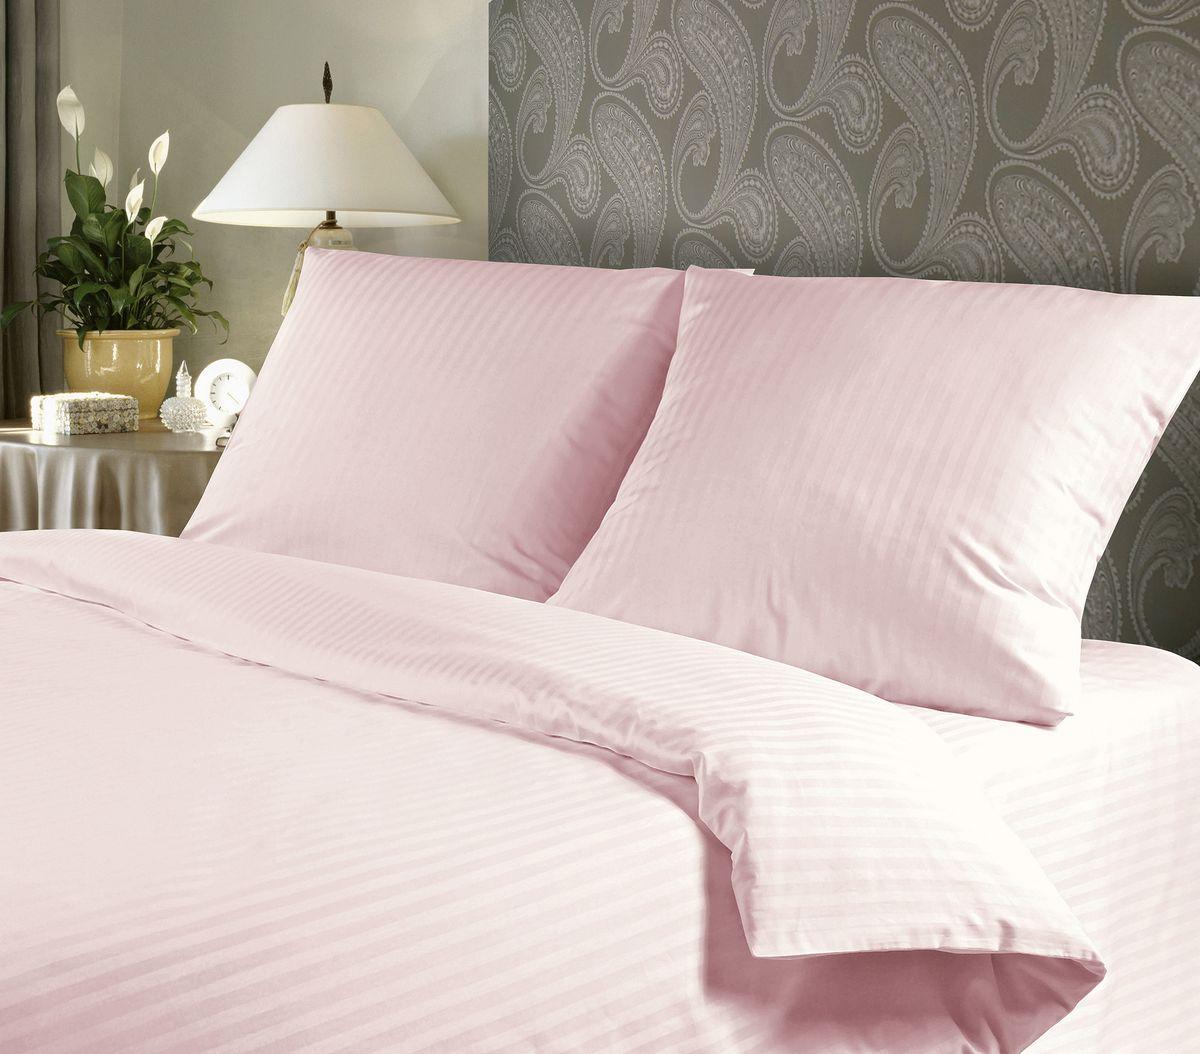 Комплект белья Verossa, семейный, наволочки 50х70, 70х70, цвет: розовый192842Сатин - настоящая роскошь для любителей понежиться в постели. Вас манит его блеск, завораживает гладкость, ласкает мягкость, и каждая минута с ним - истинное наслаждение.Тонкая пряжа и атласное переплетение нитей обеспечивают сатину мягкость и деликатность.Легкий блеск сатина делает дизайны живыми и переливающимися.100% хлопок, не электризуется и отлично пропускает воздух, ткань дышит.Легко стирается и практически не требует глажения.Не линяет, не изменяет вид после многочисленных стирок.